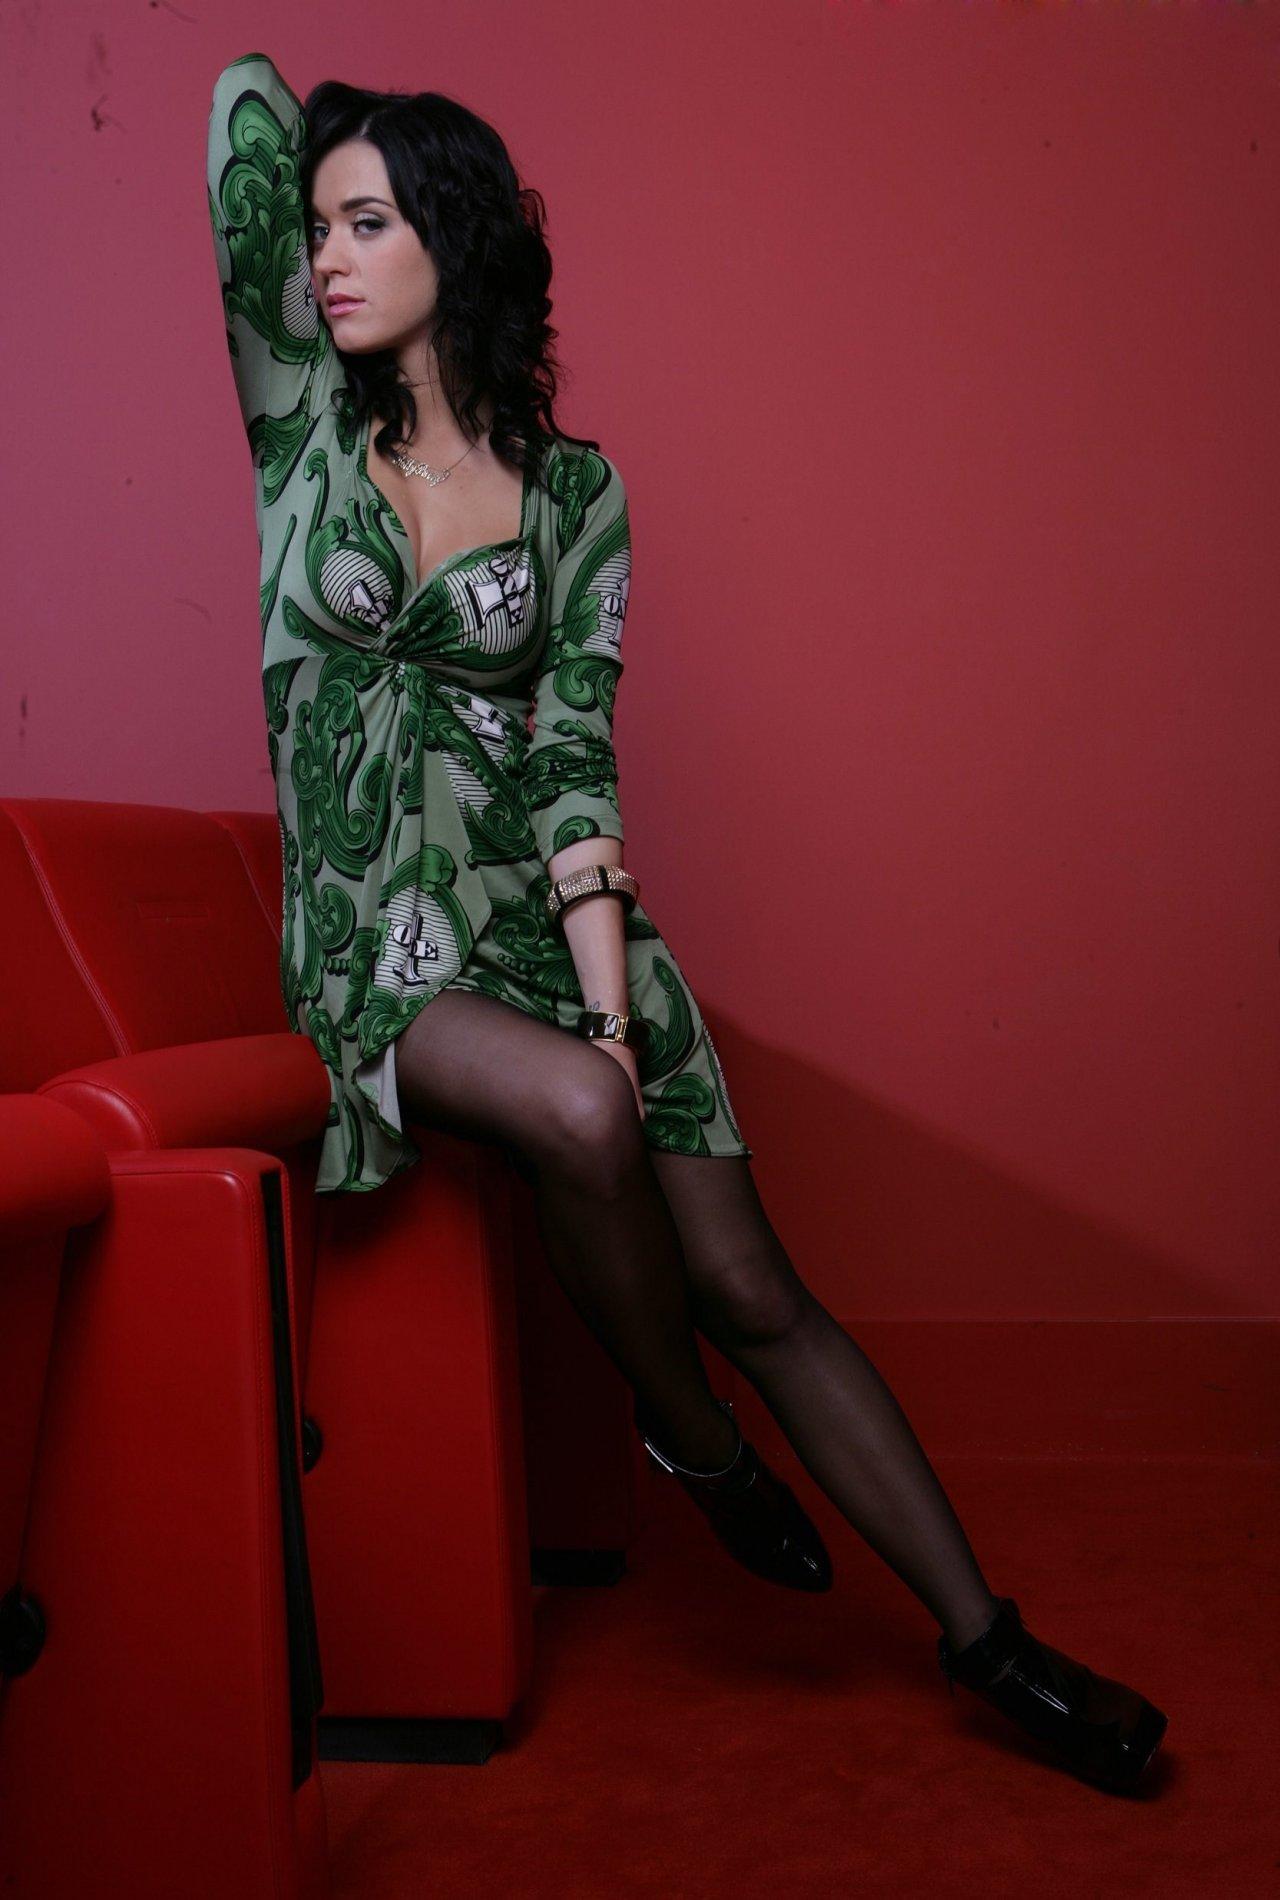 Katy Perry Hot Pics Sheclick Com